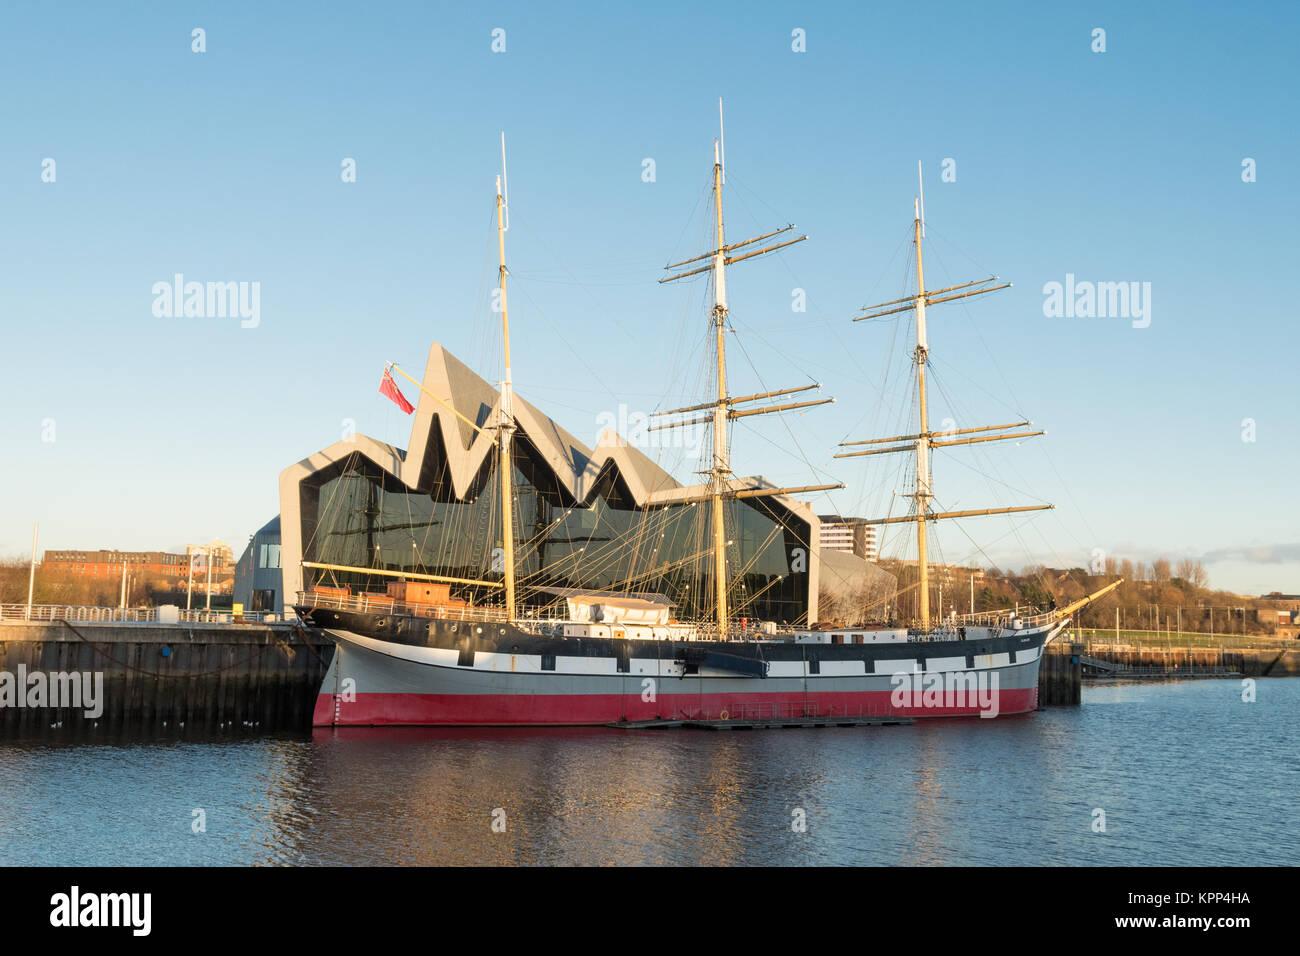 Riverside Museum - Musée des Transports de Glasgow et le grand voilier, Glasgow, Écosse, Royaume-Uni Photo Stock